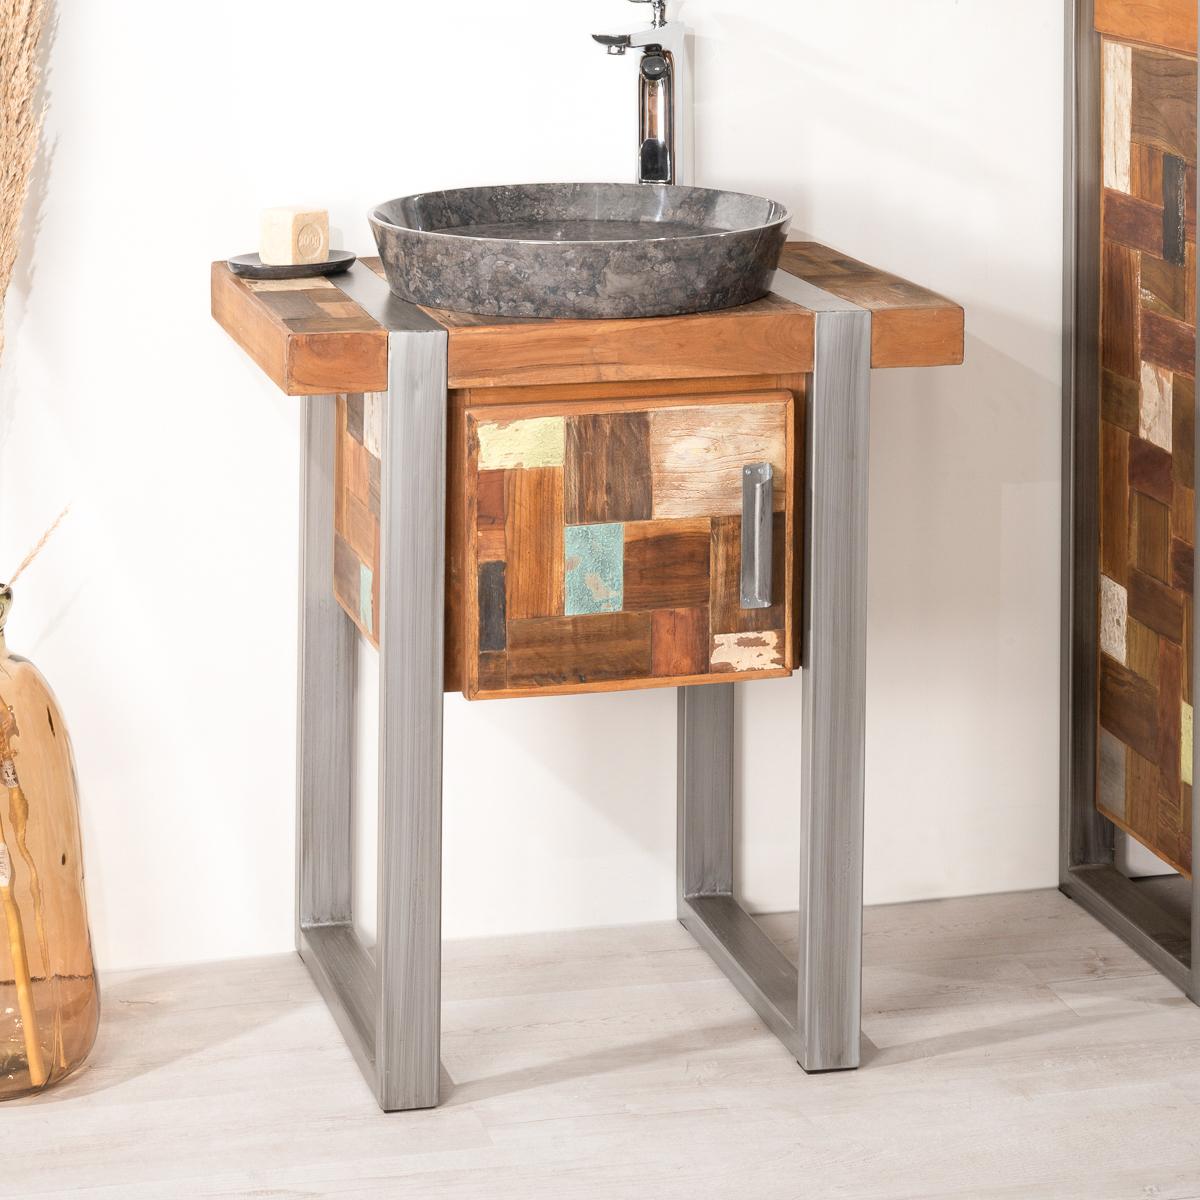 Salle de bain orange et bois for Meubles sous vasque bois